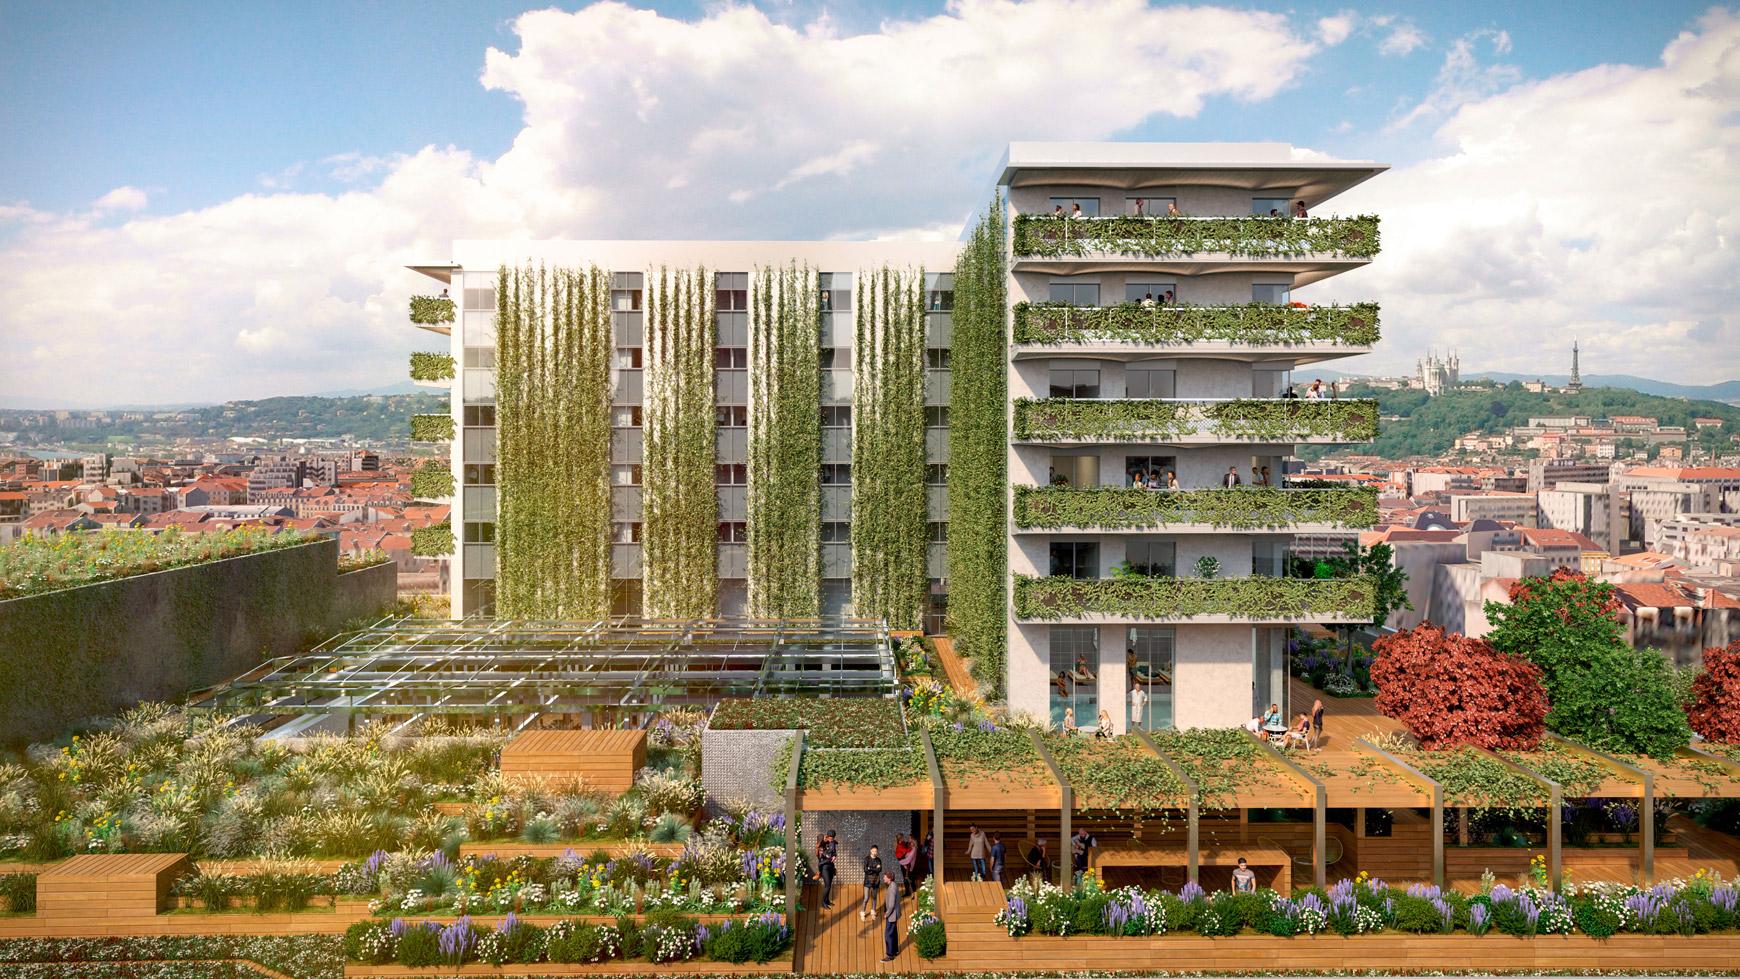 Bâtiment de bureaux, de logements et de commerces à Lyon Part-Dieu, certifié BREEAM EXCELLENT + NF HABITAT HQE + HQE BATIMENT, réalisé par le pôle Tertiaire de l'agence d'architecture SOHO ATLAS IN FINE LYON. Perspective, vue sur les logements.